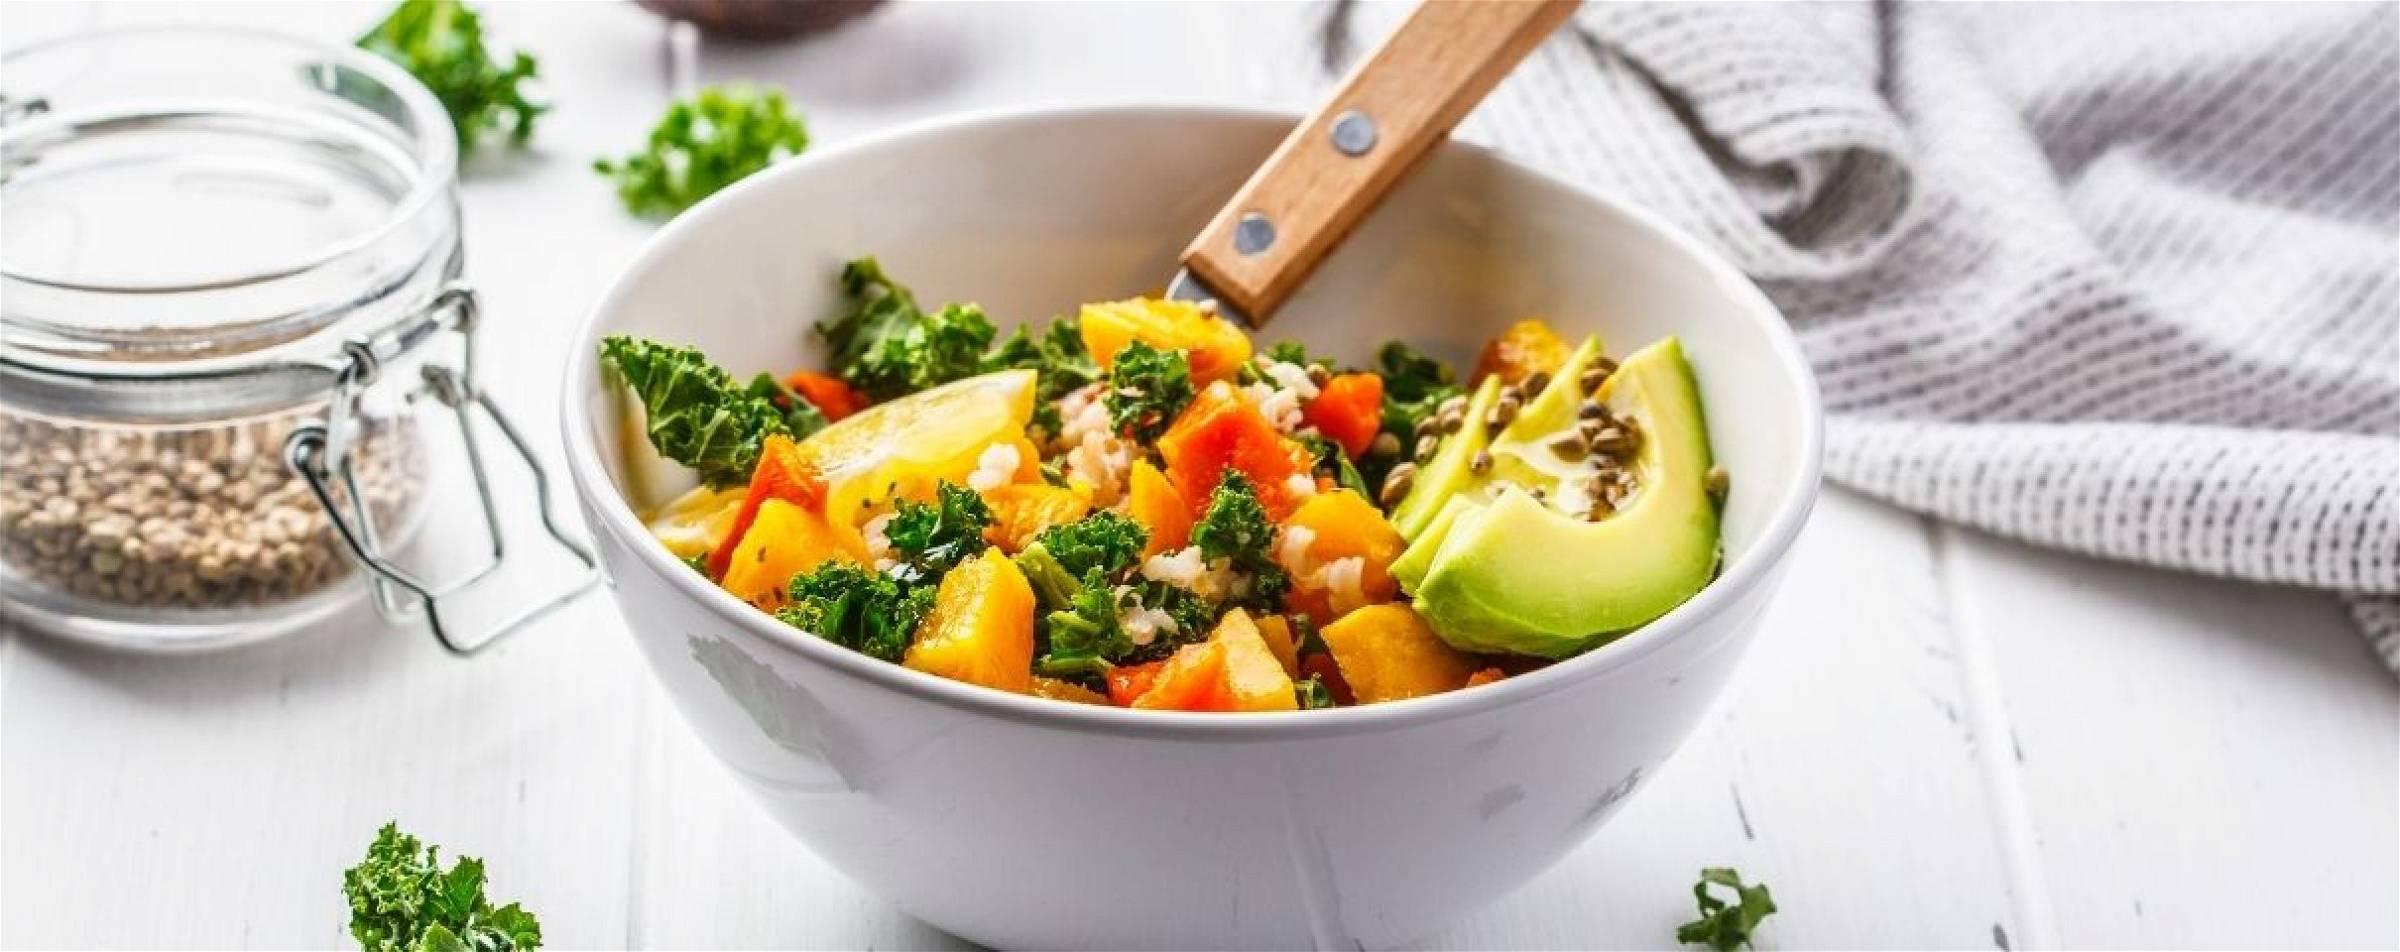 Gezonde salade met avocado en verse groente